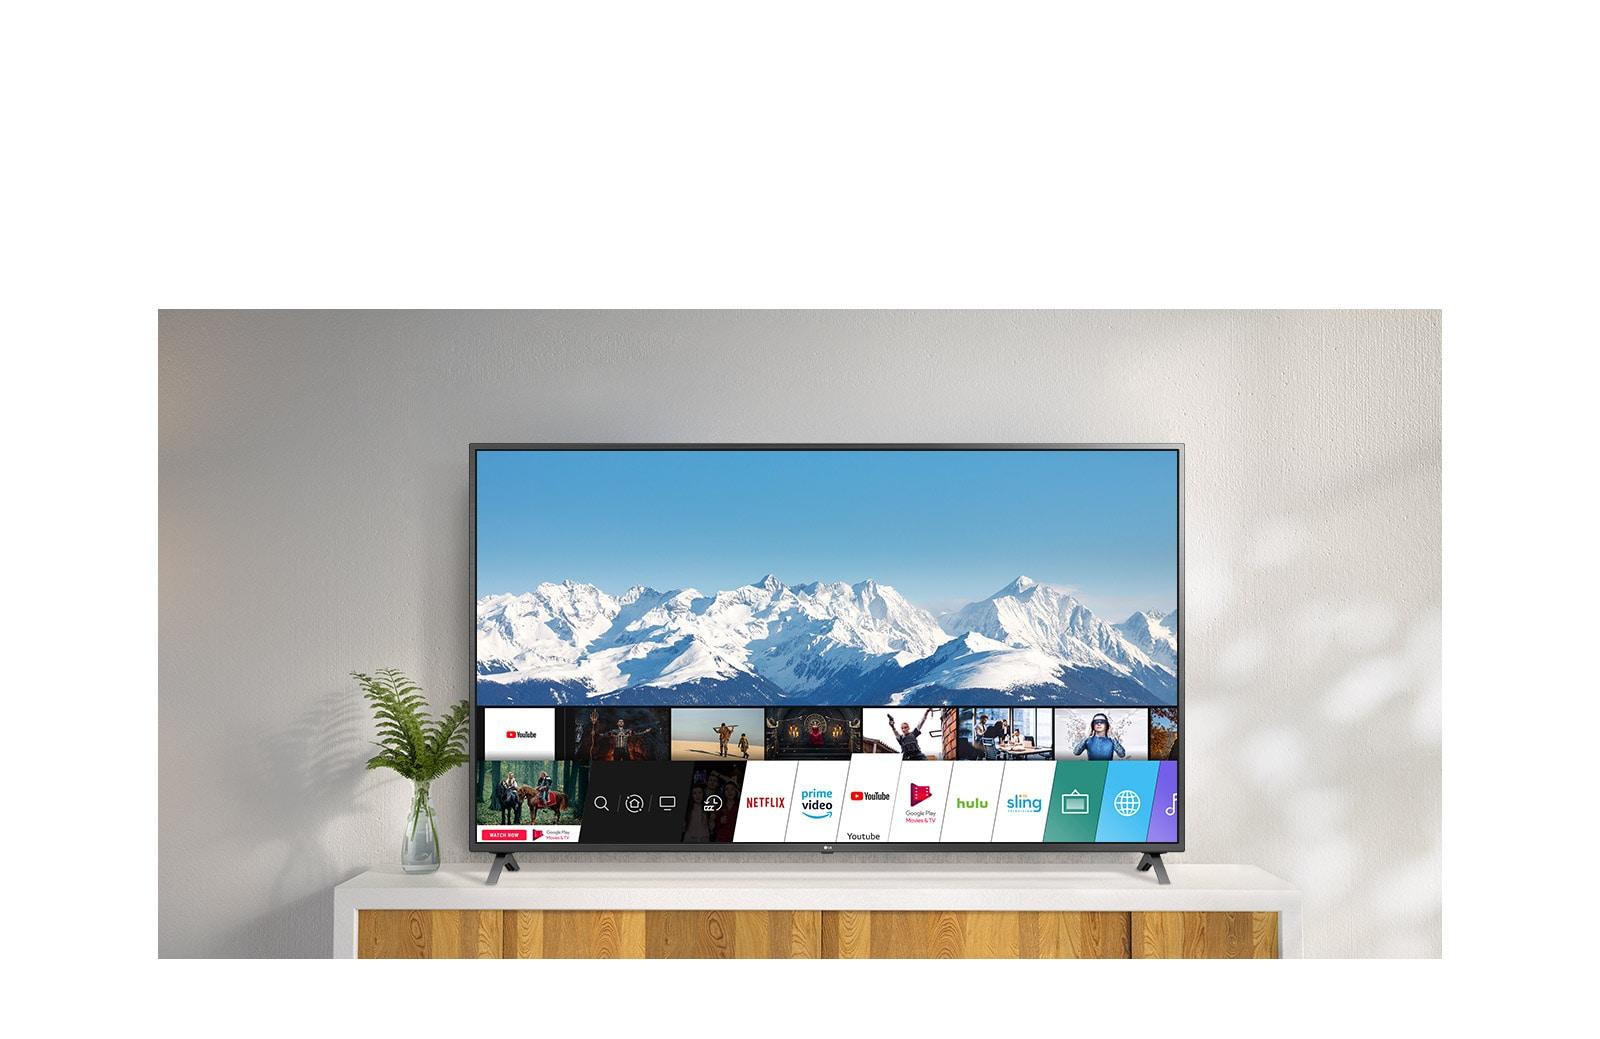 電視用白色支架釘在白色牆壁上。電視螢幕顯示webOS系統的主螢幕。